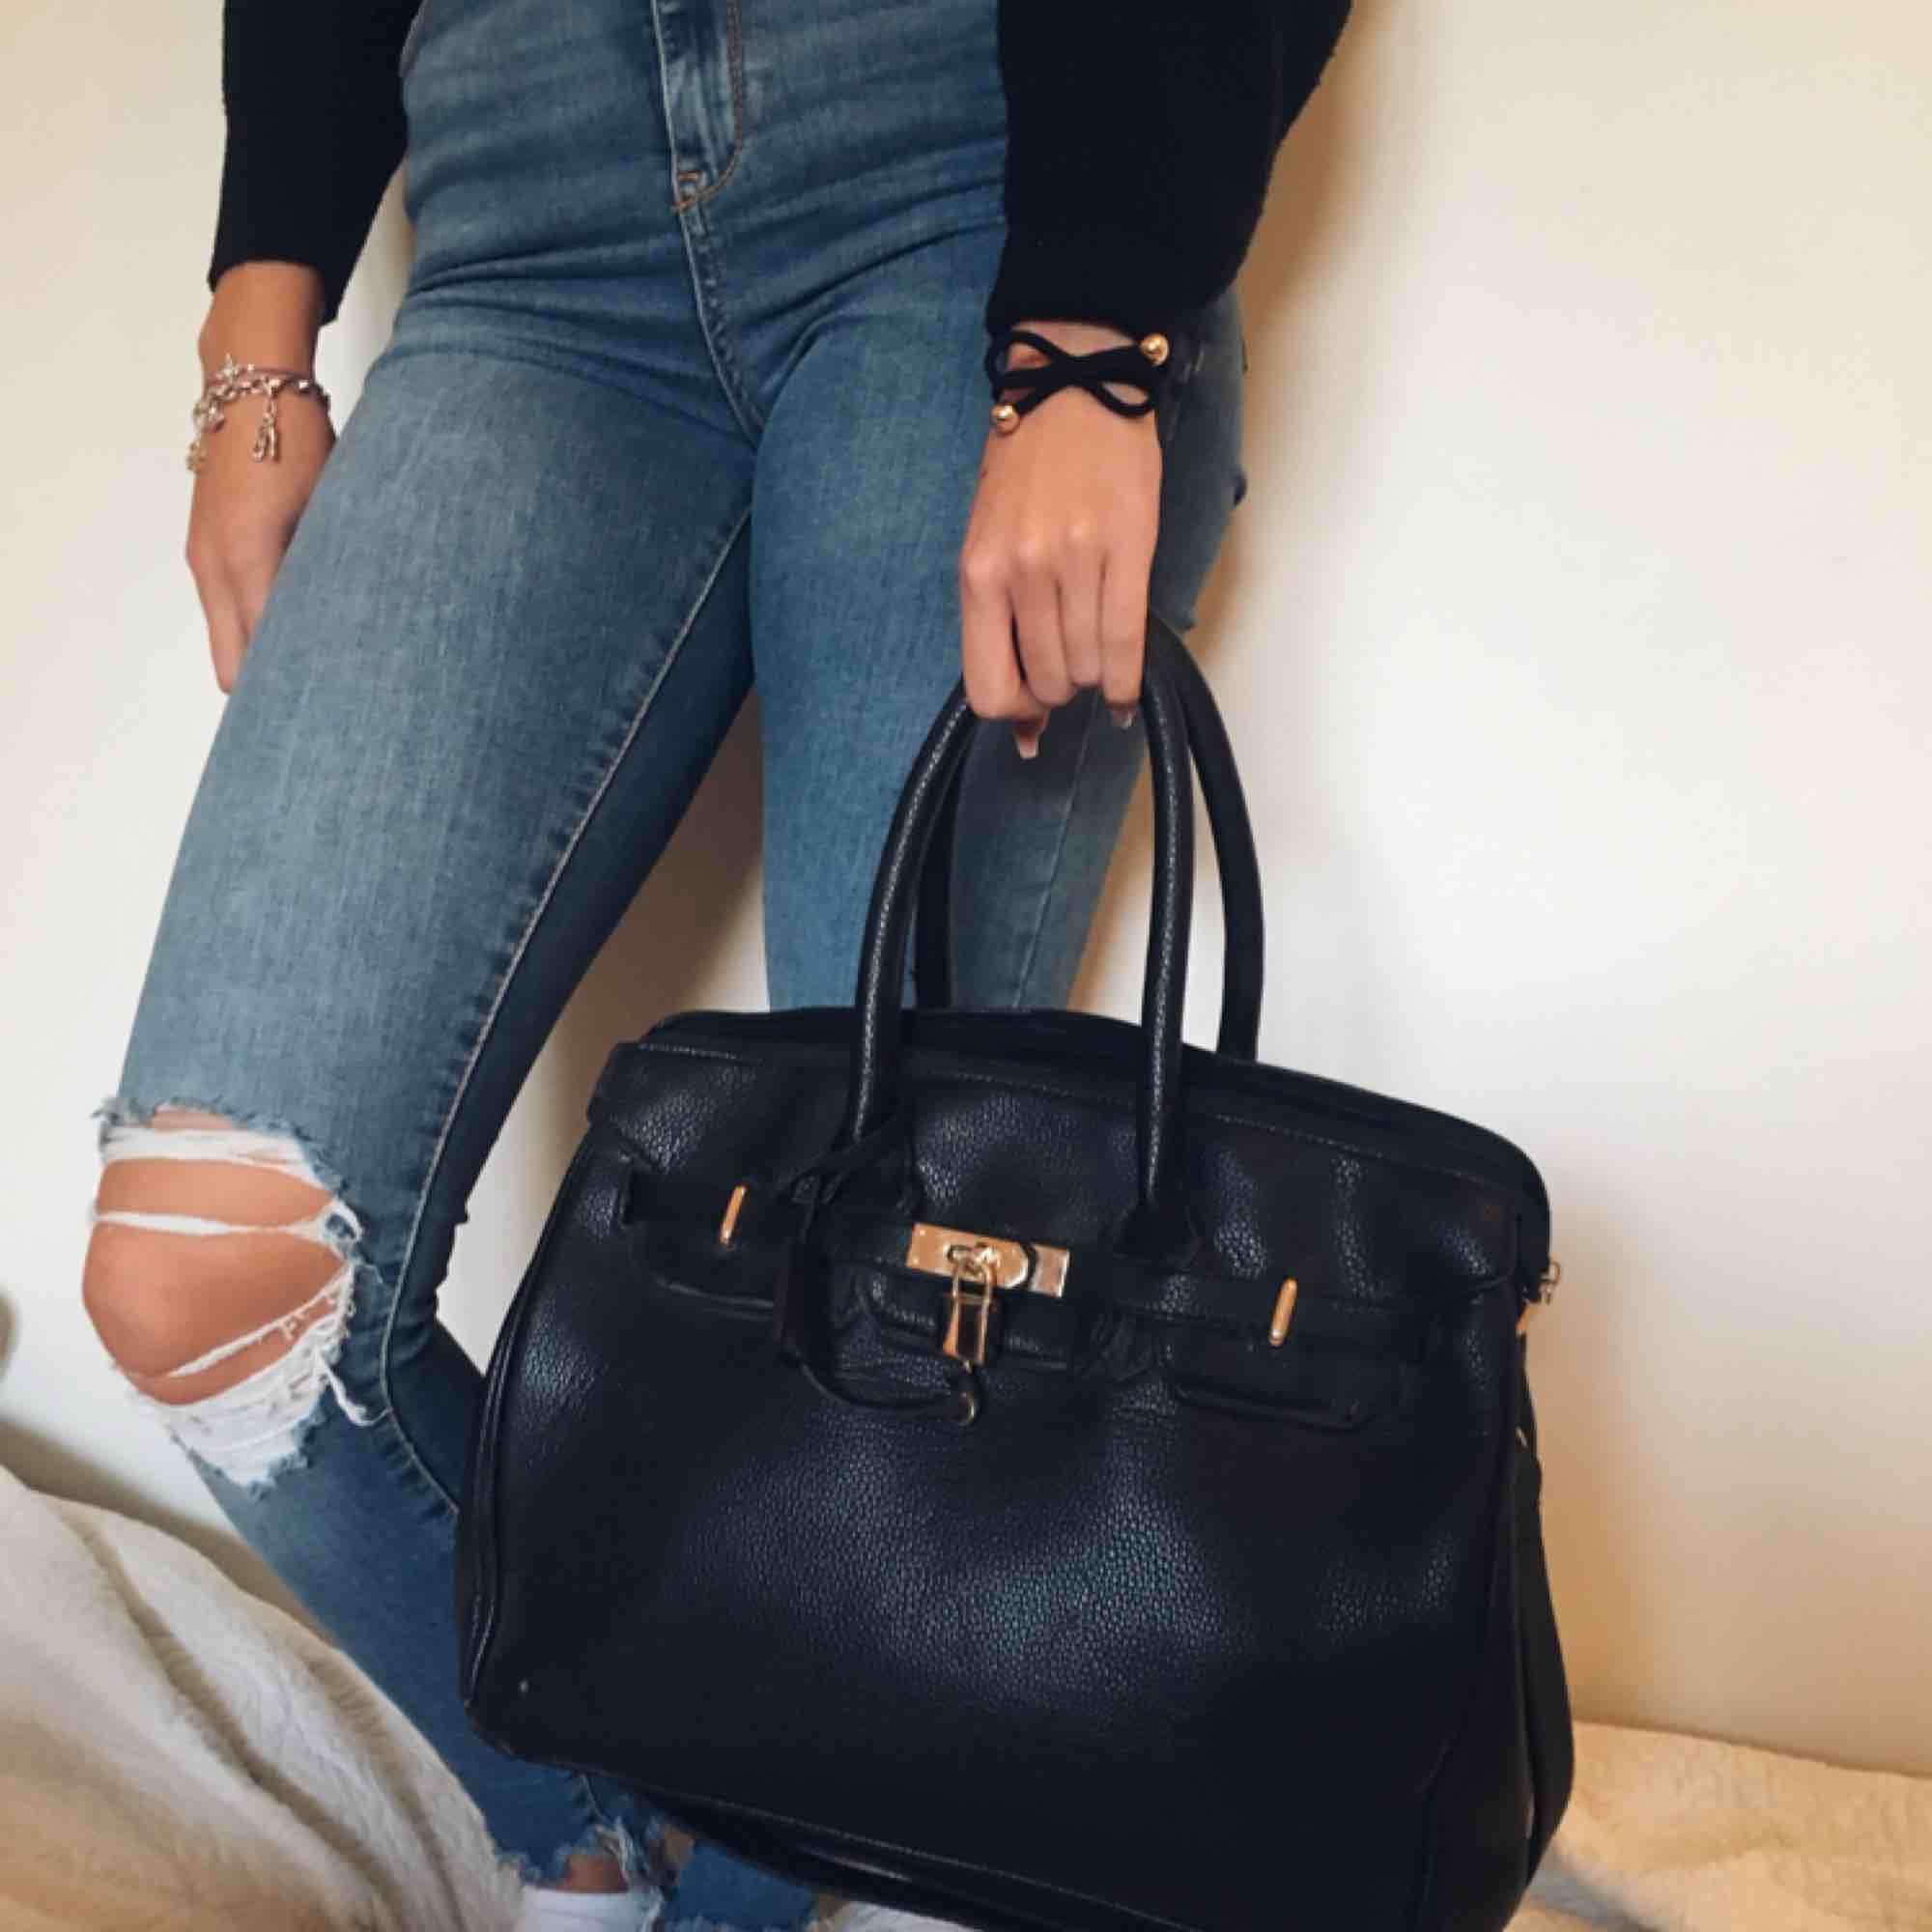 Snygg väska i skinn imitation, mycket användbara fack innuti!. Väskor.